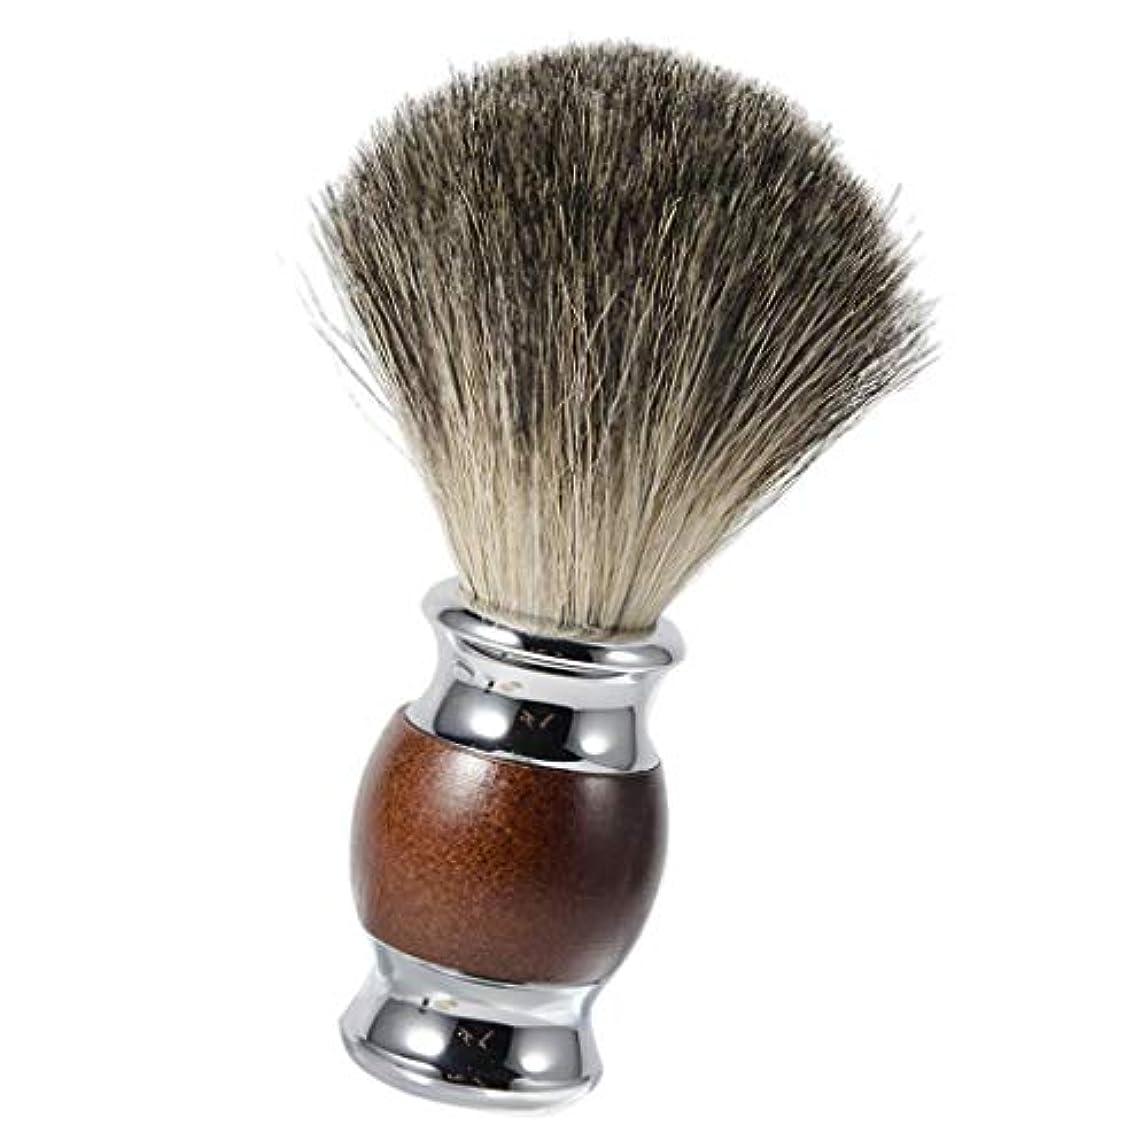 優れた普及砲兵Baoblaze ひげブラシ シェービングブラシ 木製ハンドル 理容 洗顔 髭剃り 泡立ち メンズ用 友人にプレゼント